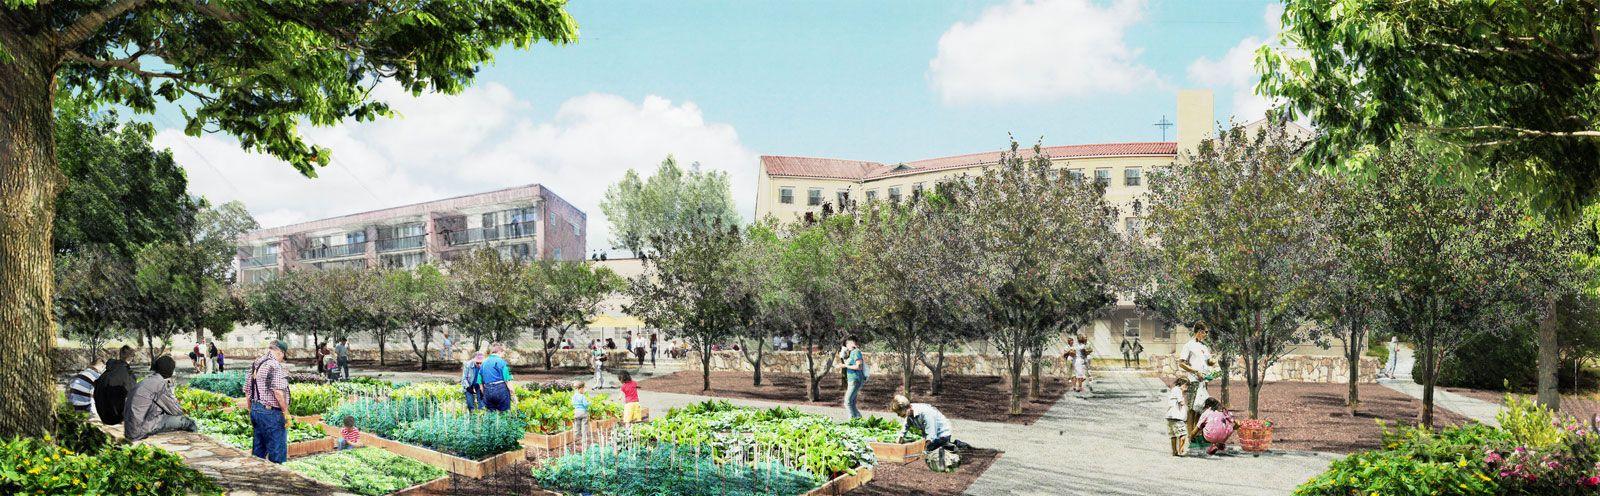 Urban Community Garden Rendering